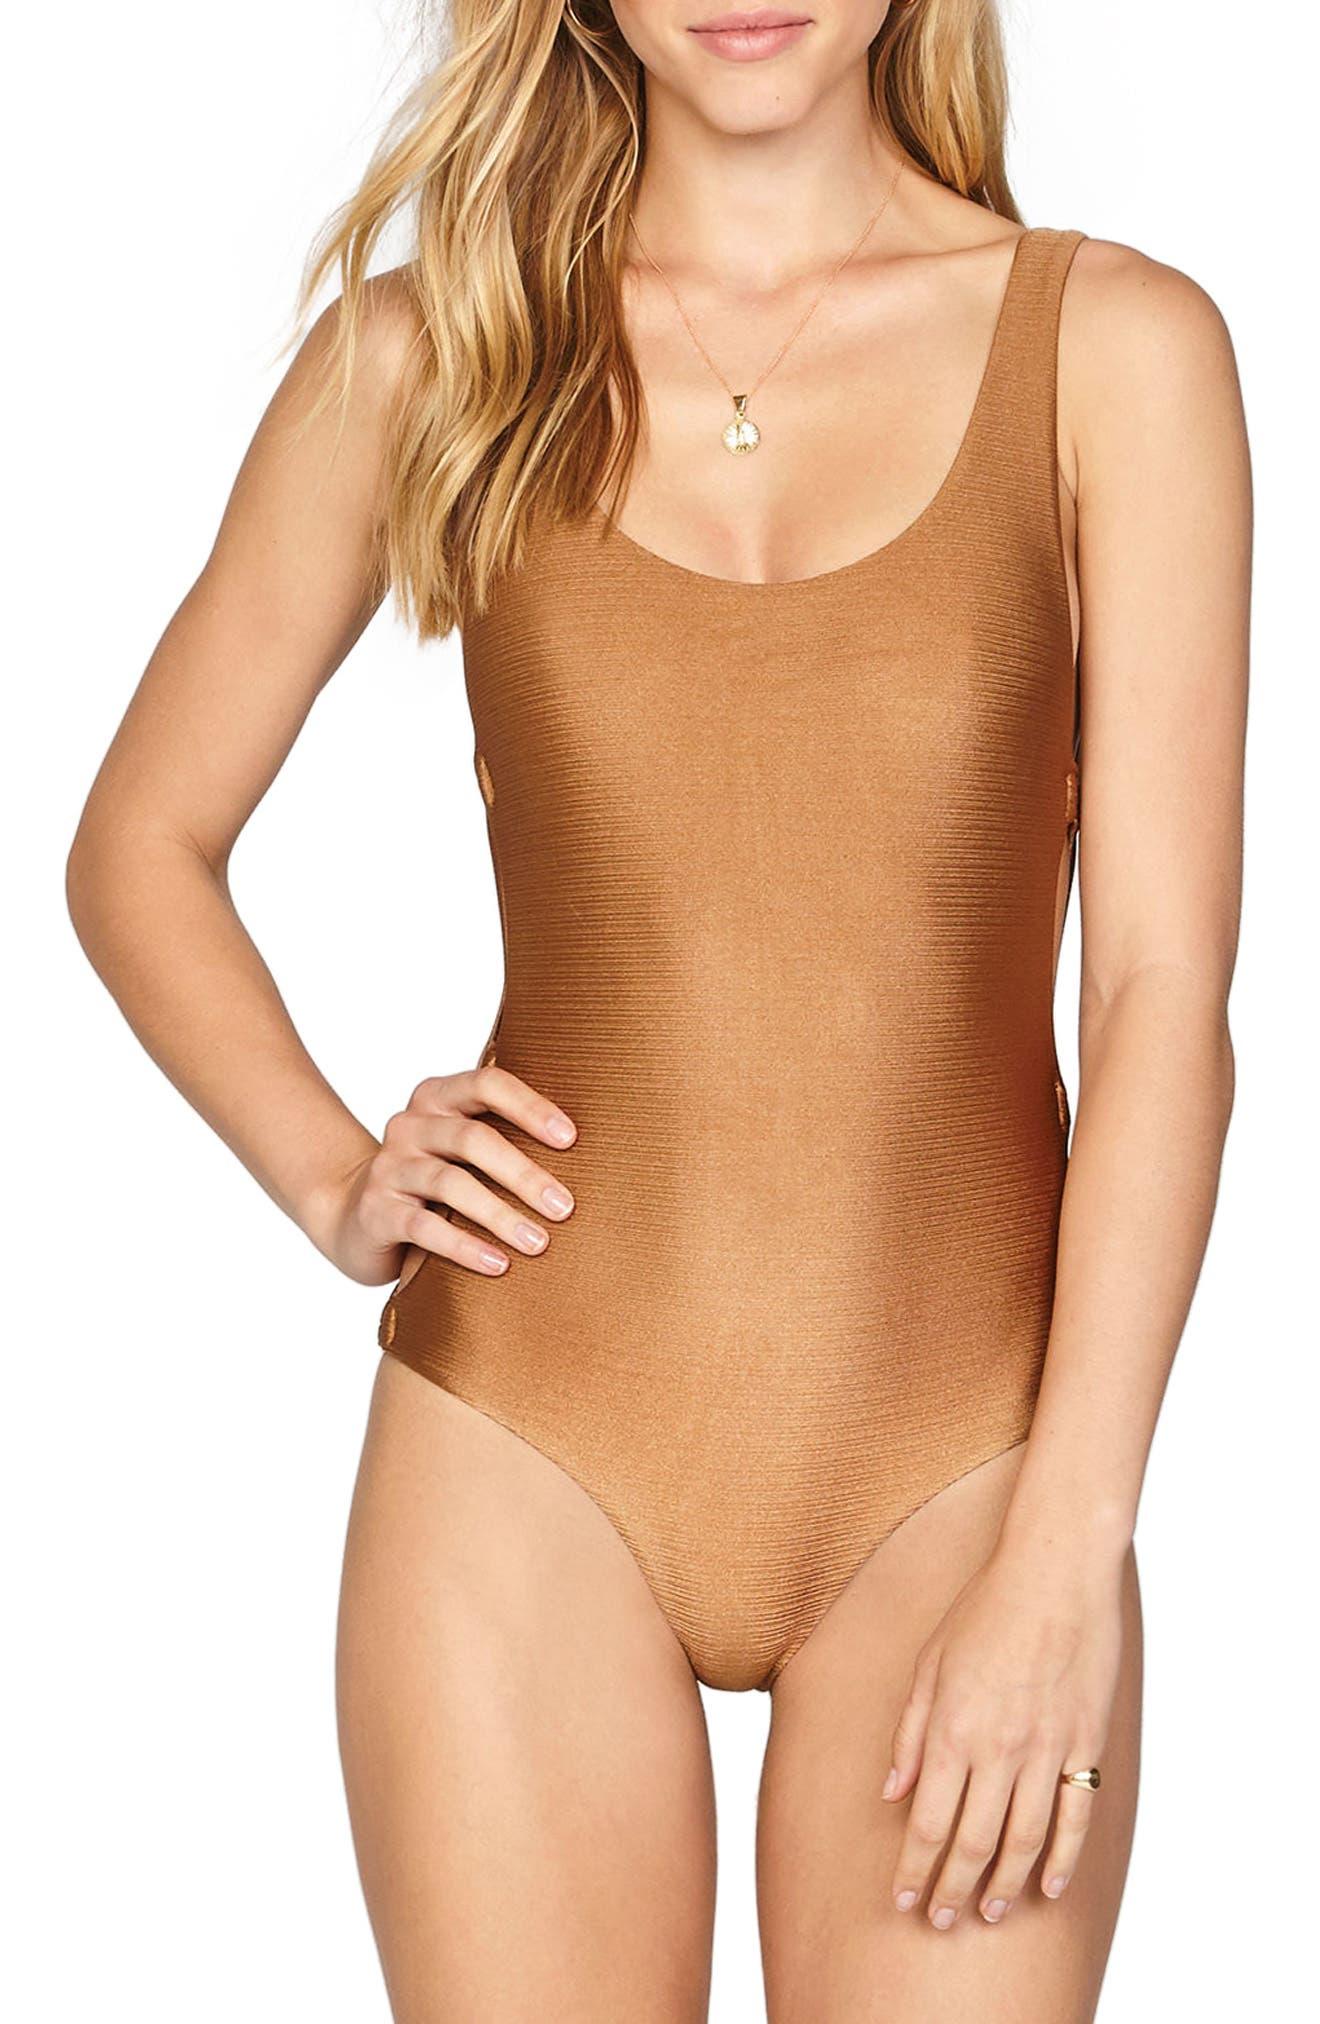 Estelle Cutout One-Piece Swimsuit,                             Main thumbnail 1, color,                             200